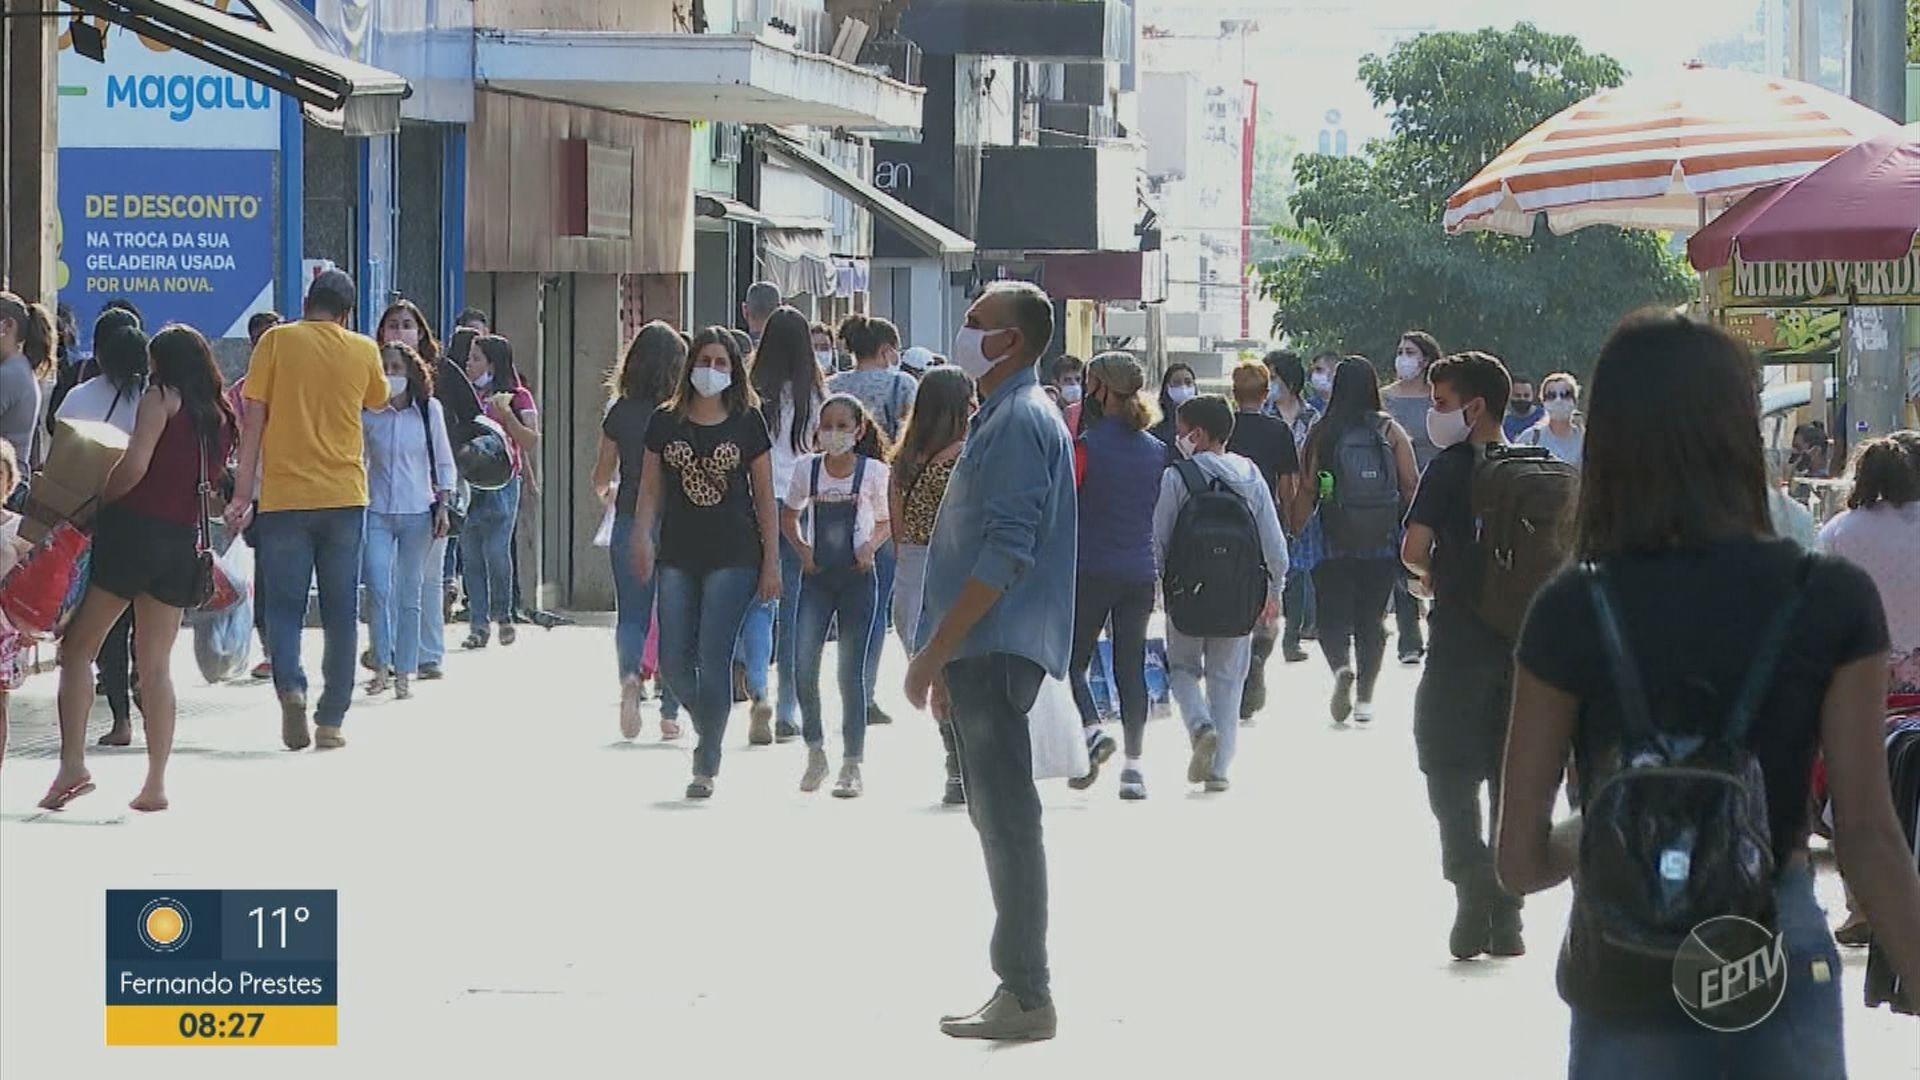 VÍDEOS: Bom Dia Cidade região de Piracicaba desta sexta, 7 de agosto